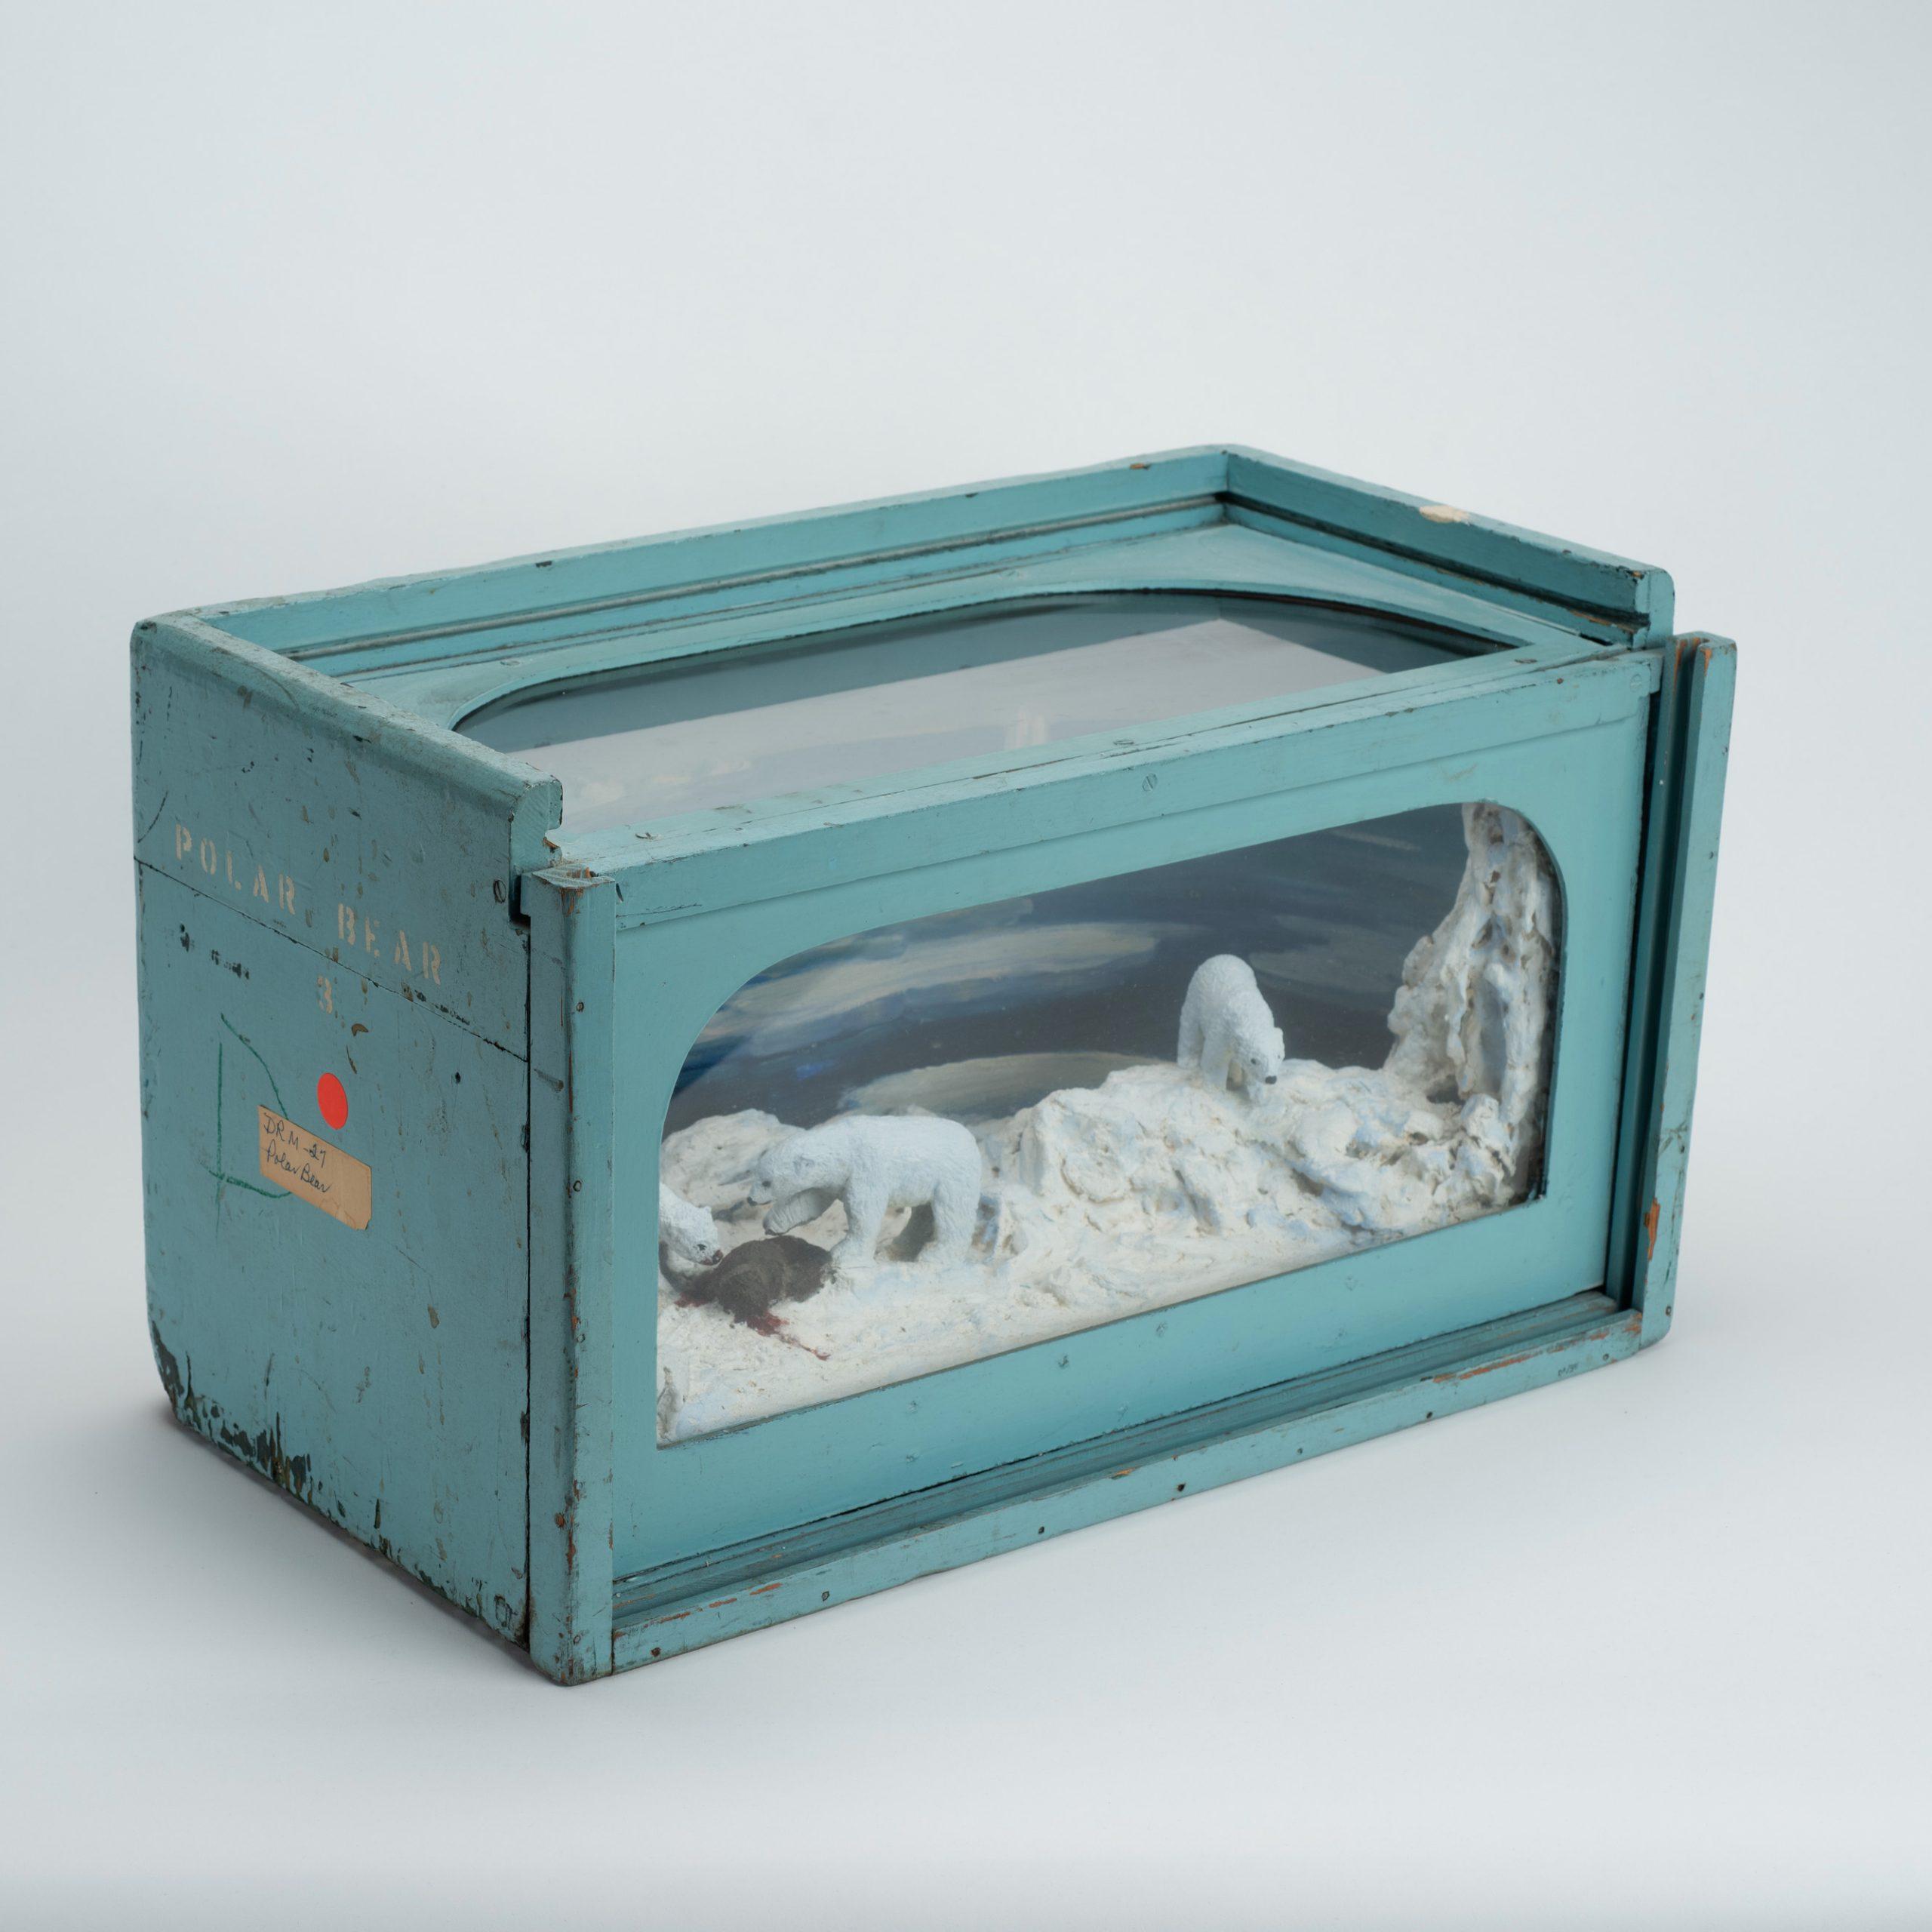 Polar bear diorama